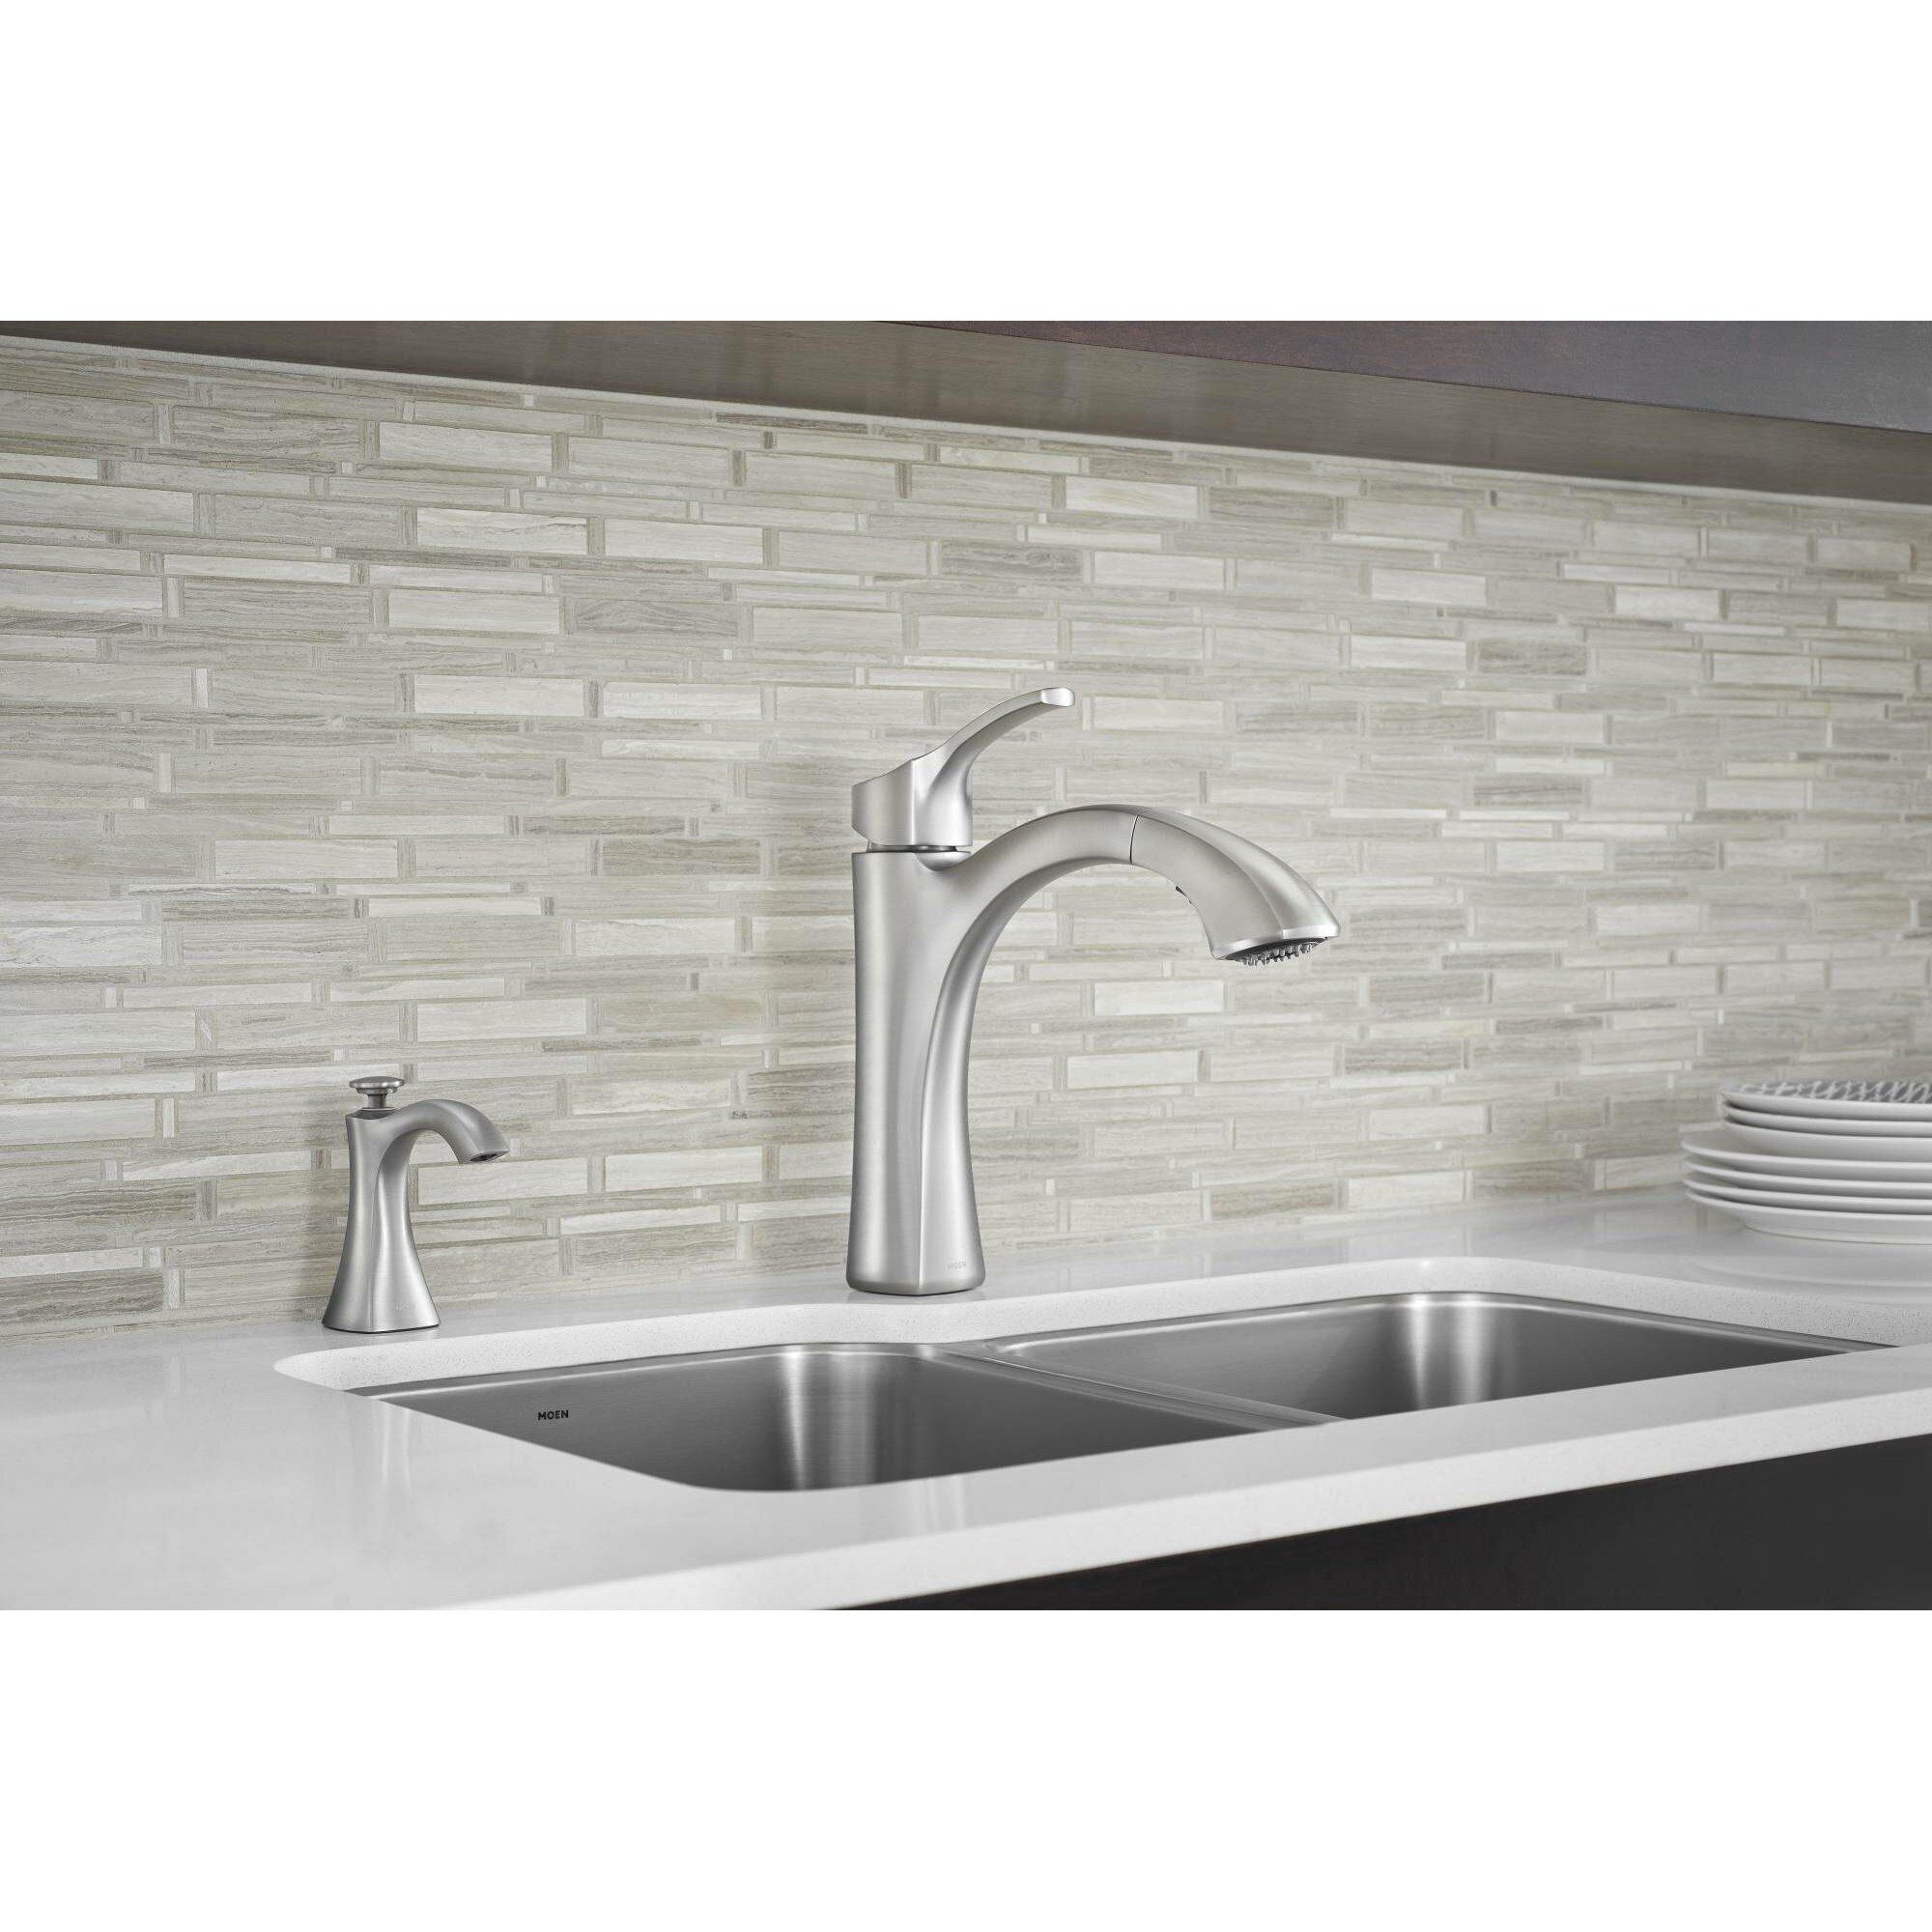 Moen Voss Single Handle Kitchen Faucet & Reviews